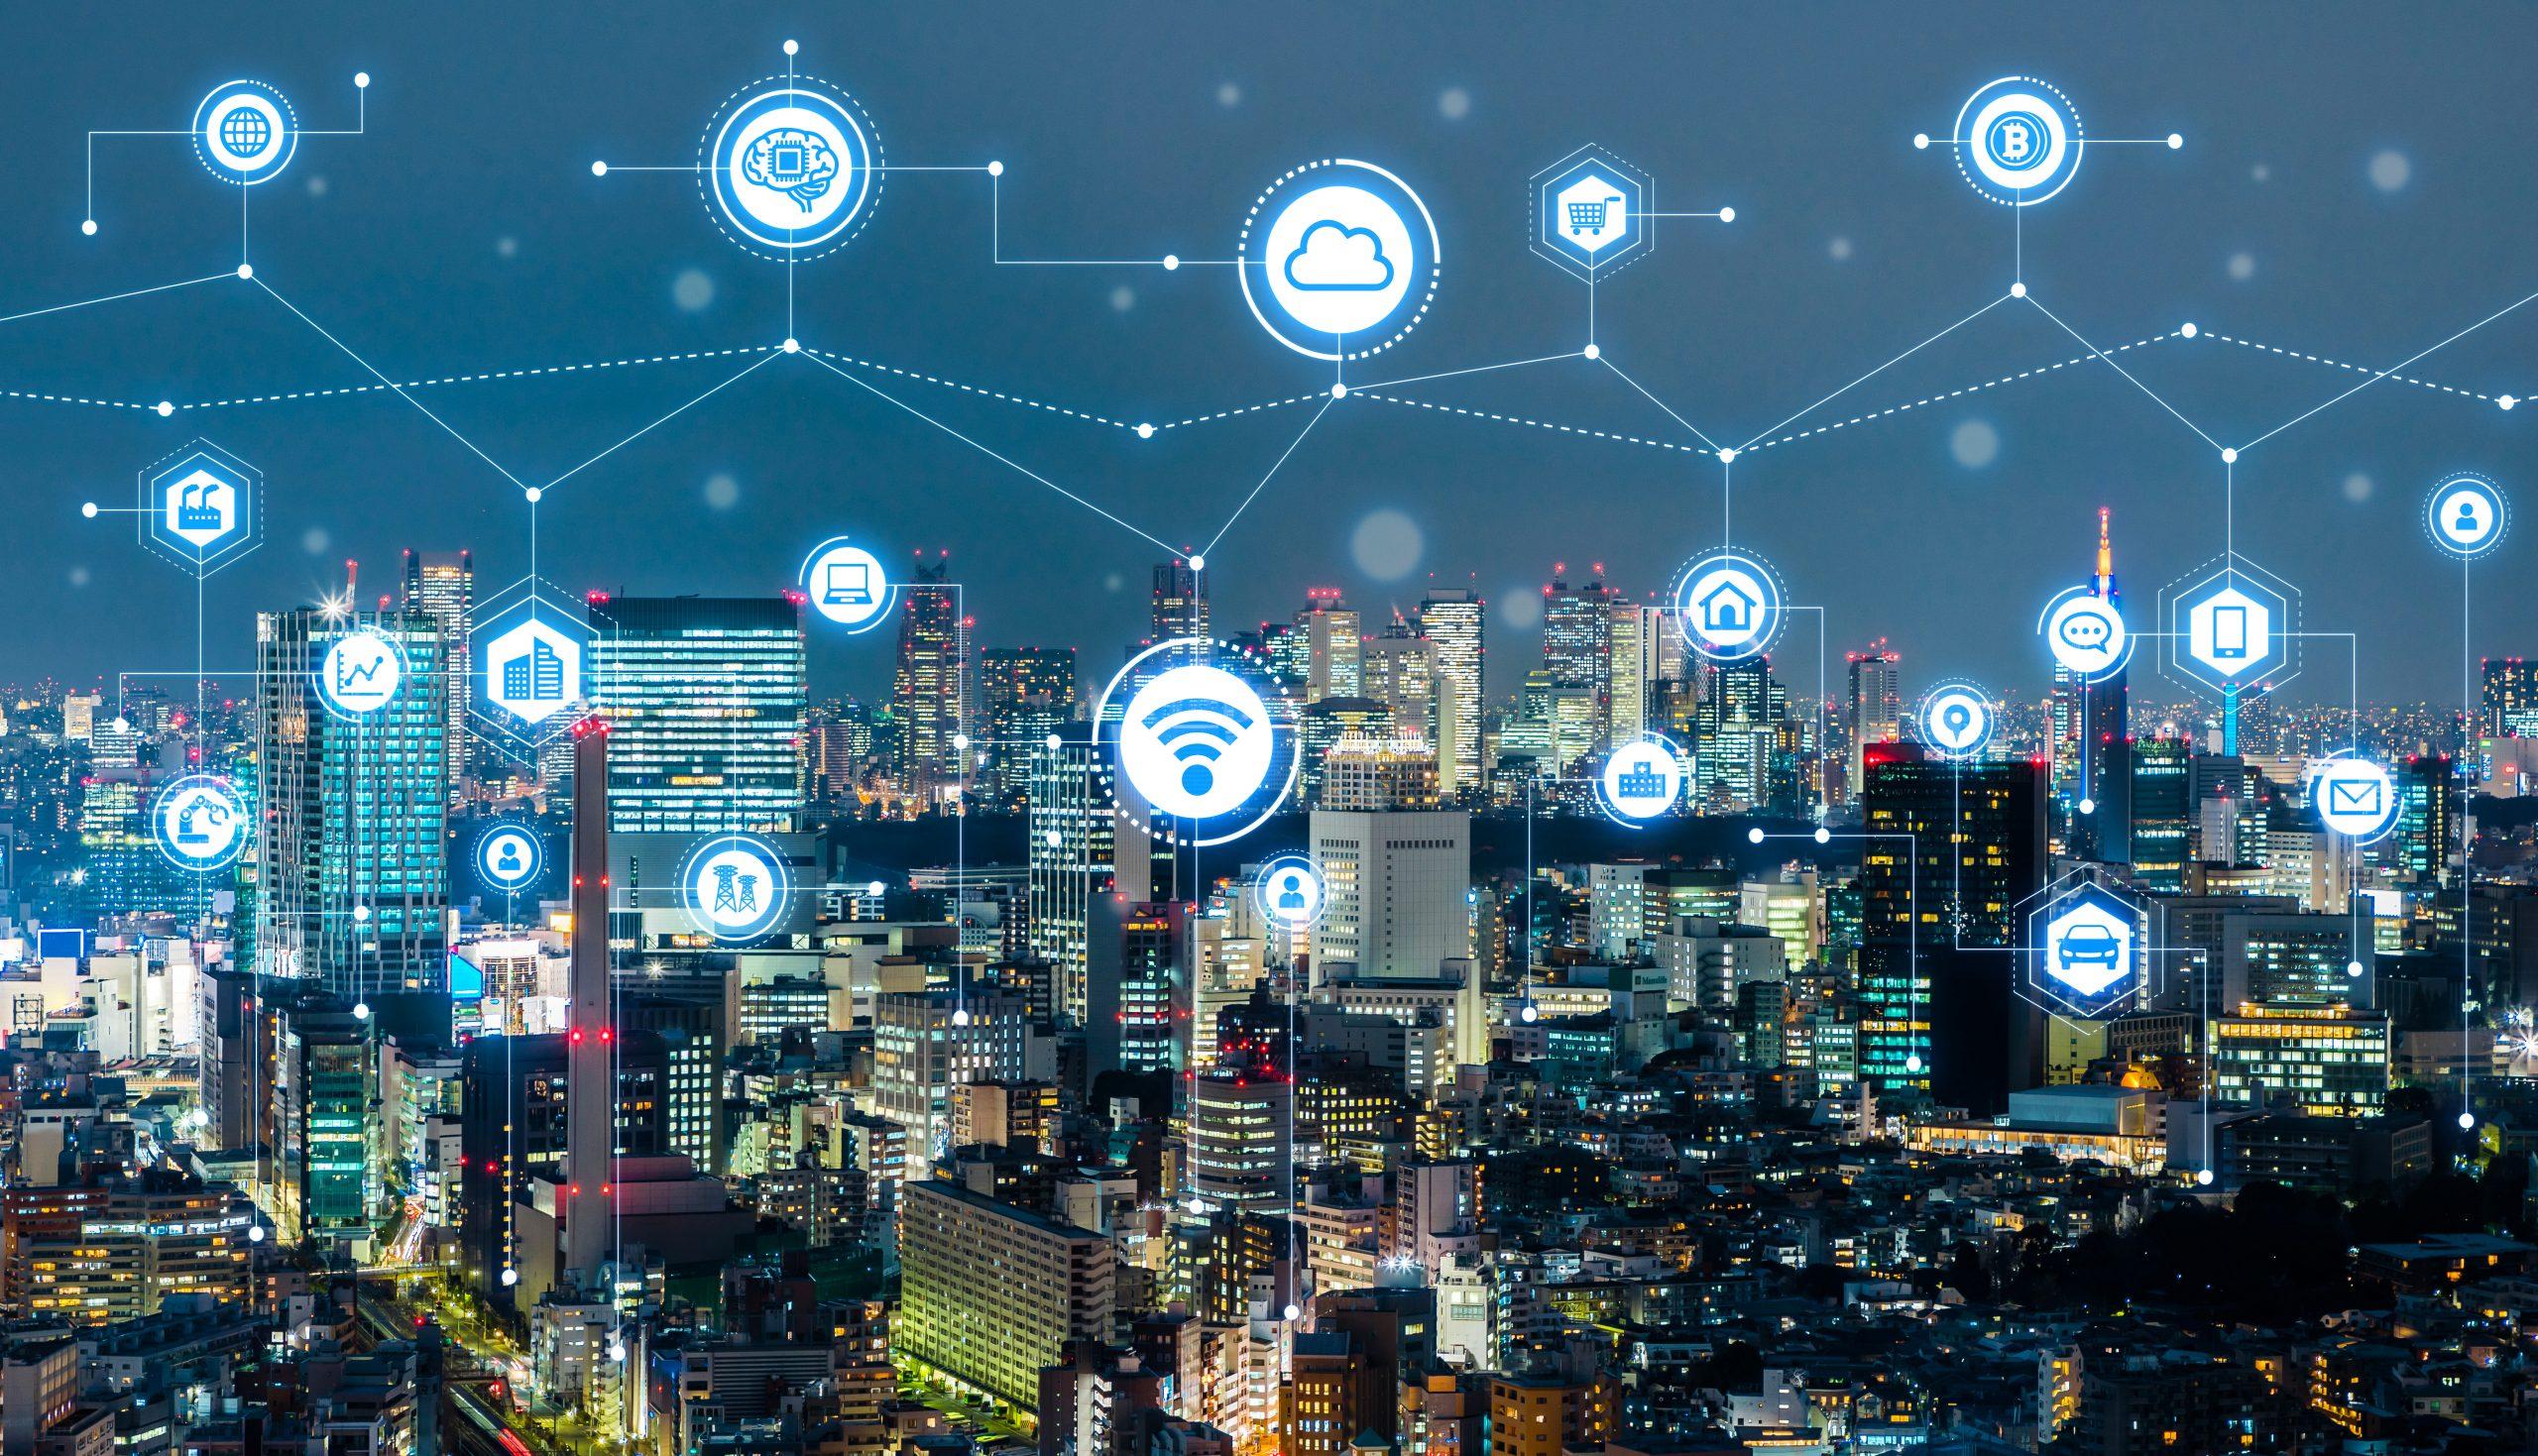 IoT і М2М — автоматизація для бізнесу і не тільки | Kyivstar Business Hub зображення №1